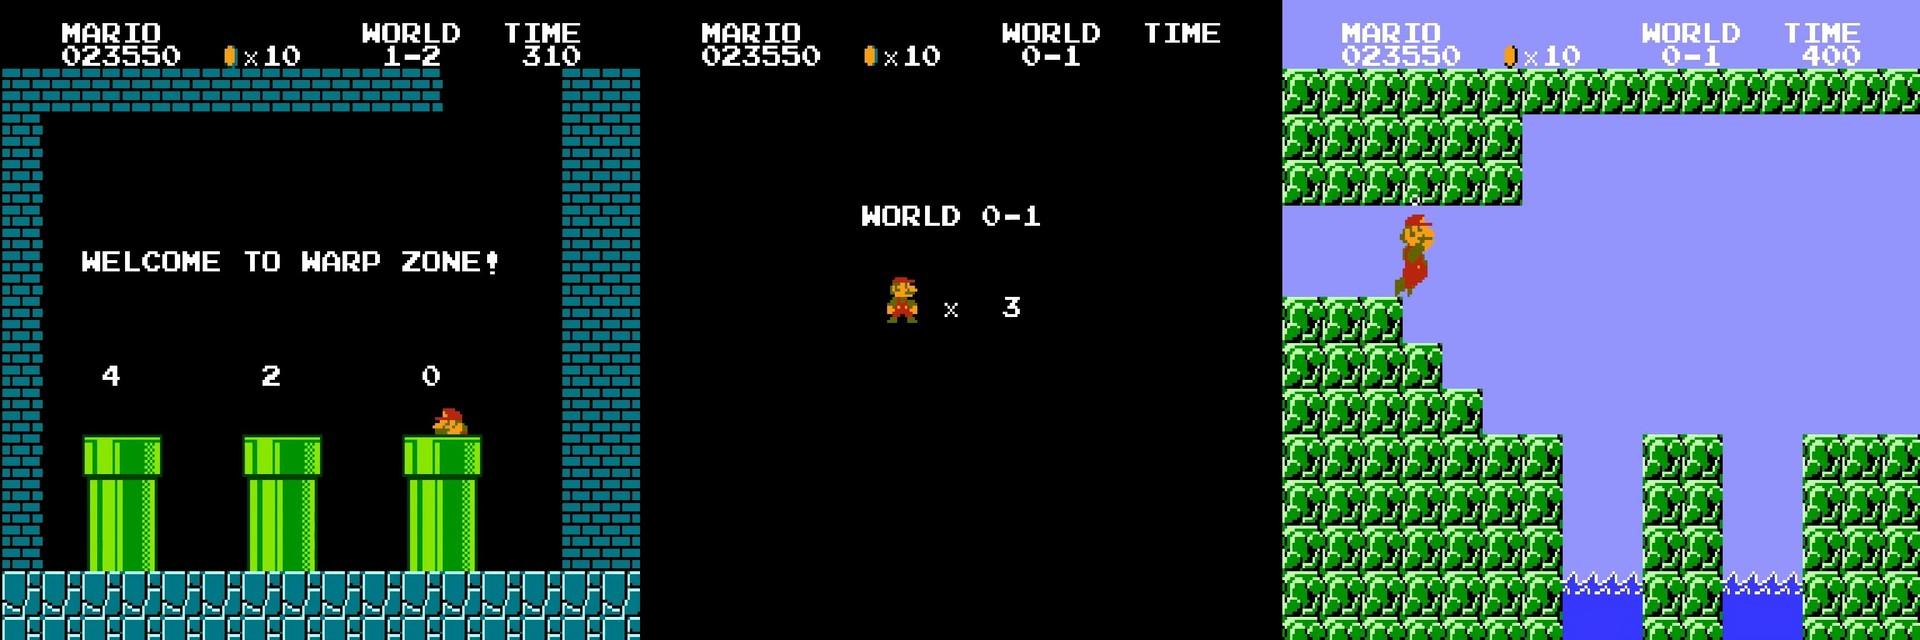 Как работает баг с миром −1 в Super Mario Bros - 5